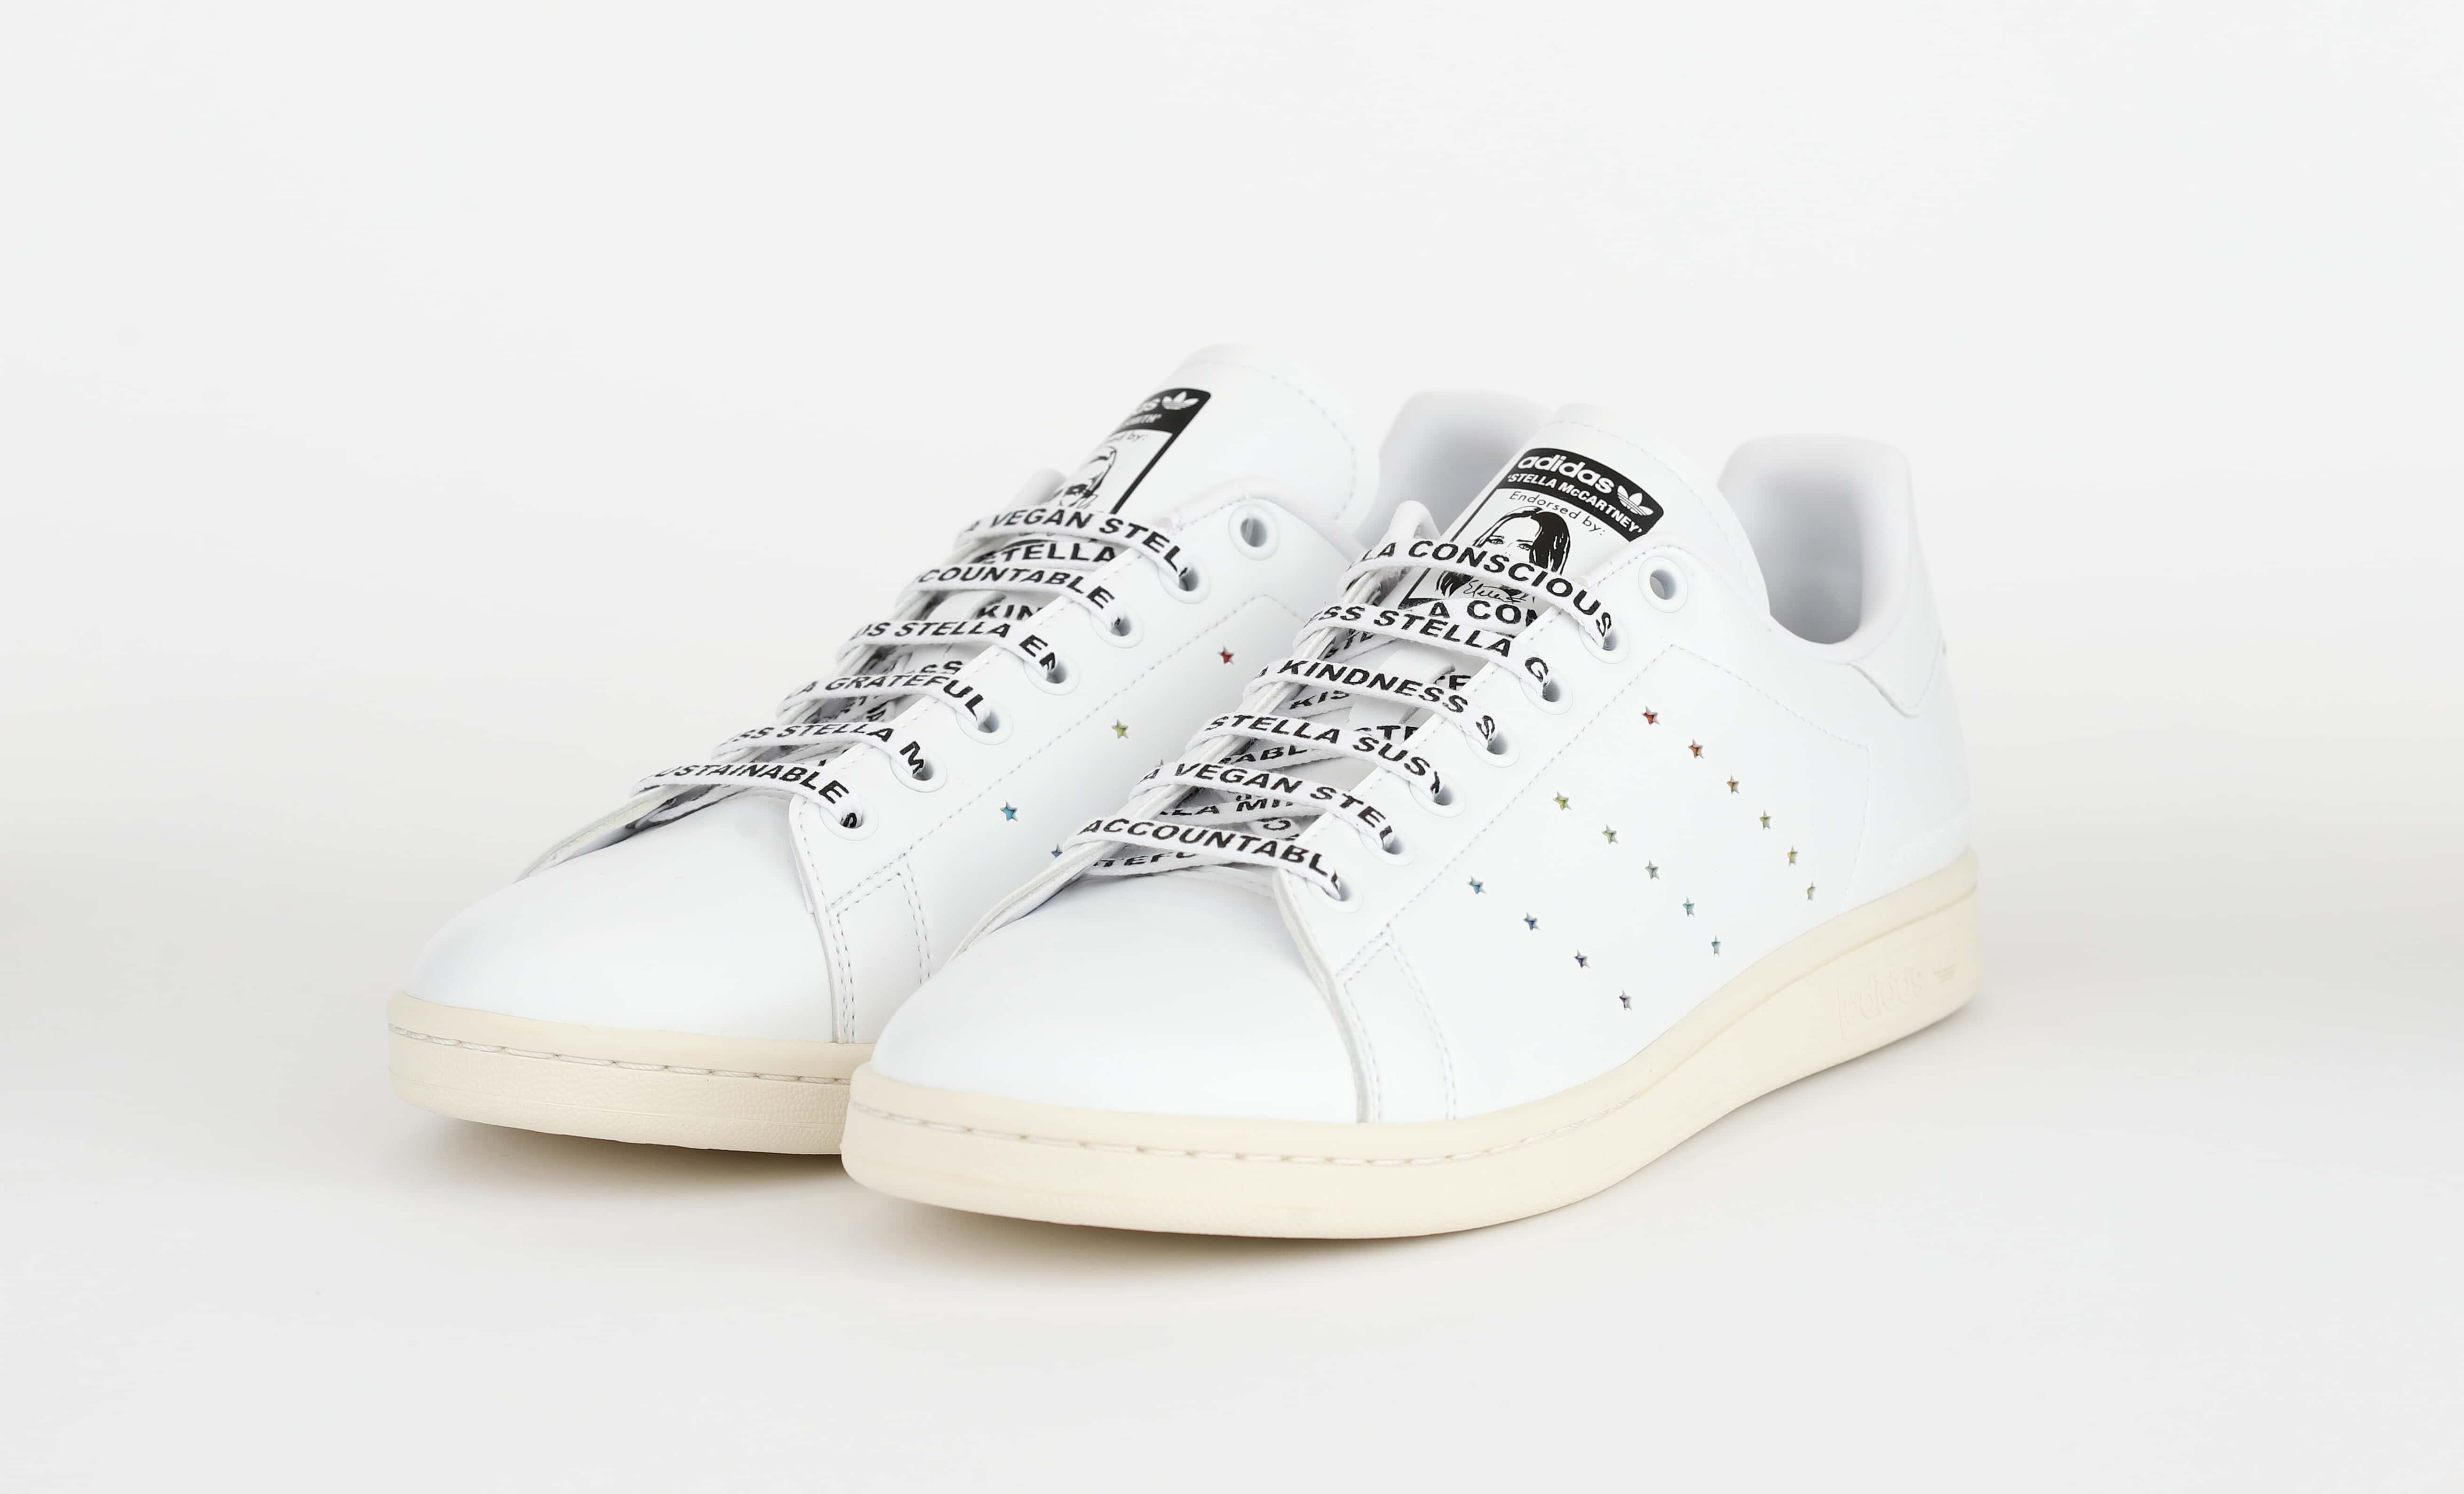 Stella McCartneyアーティスト7人とチャリティーTシャツ発売 adidasとのコラボアイテムも